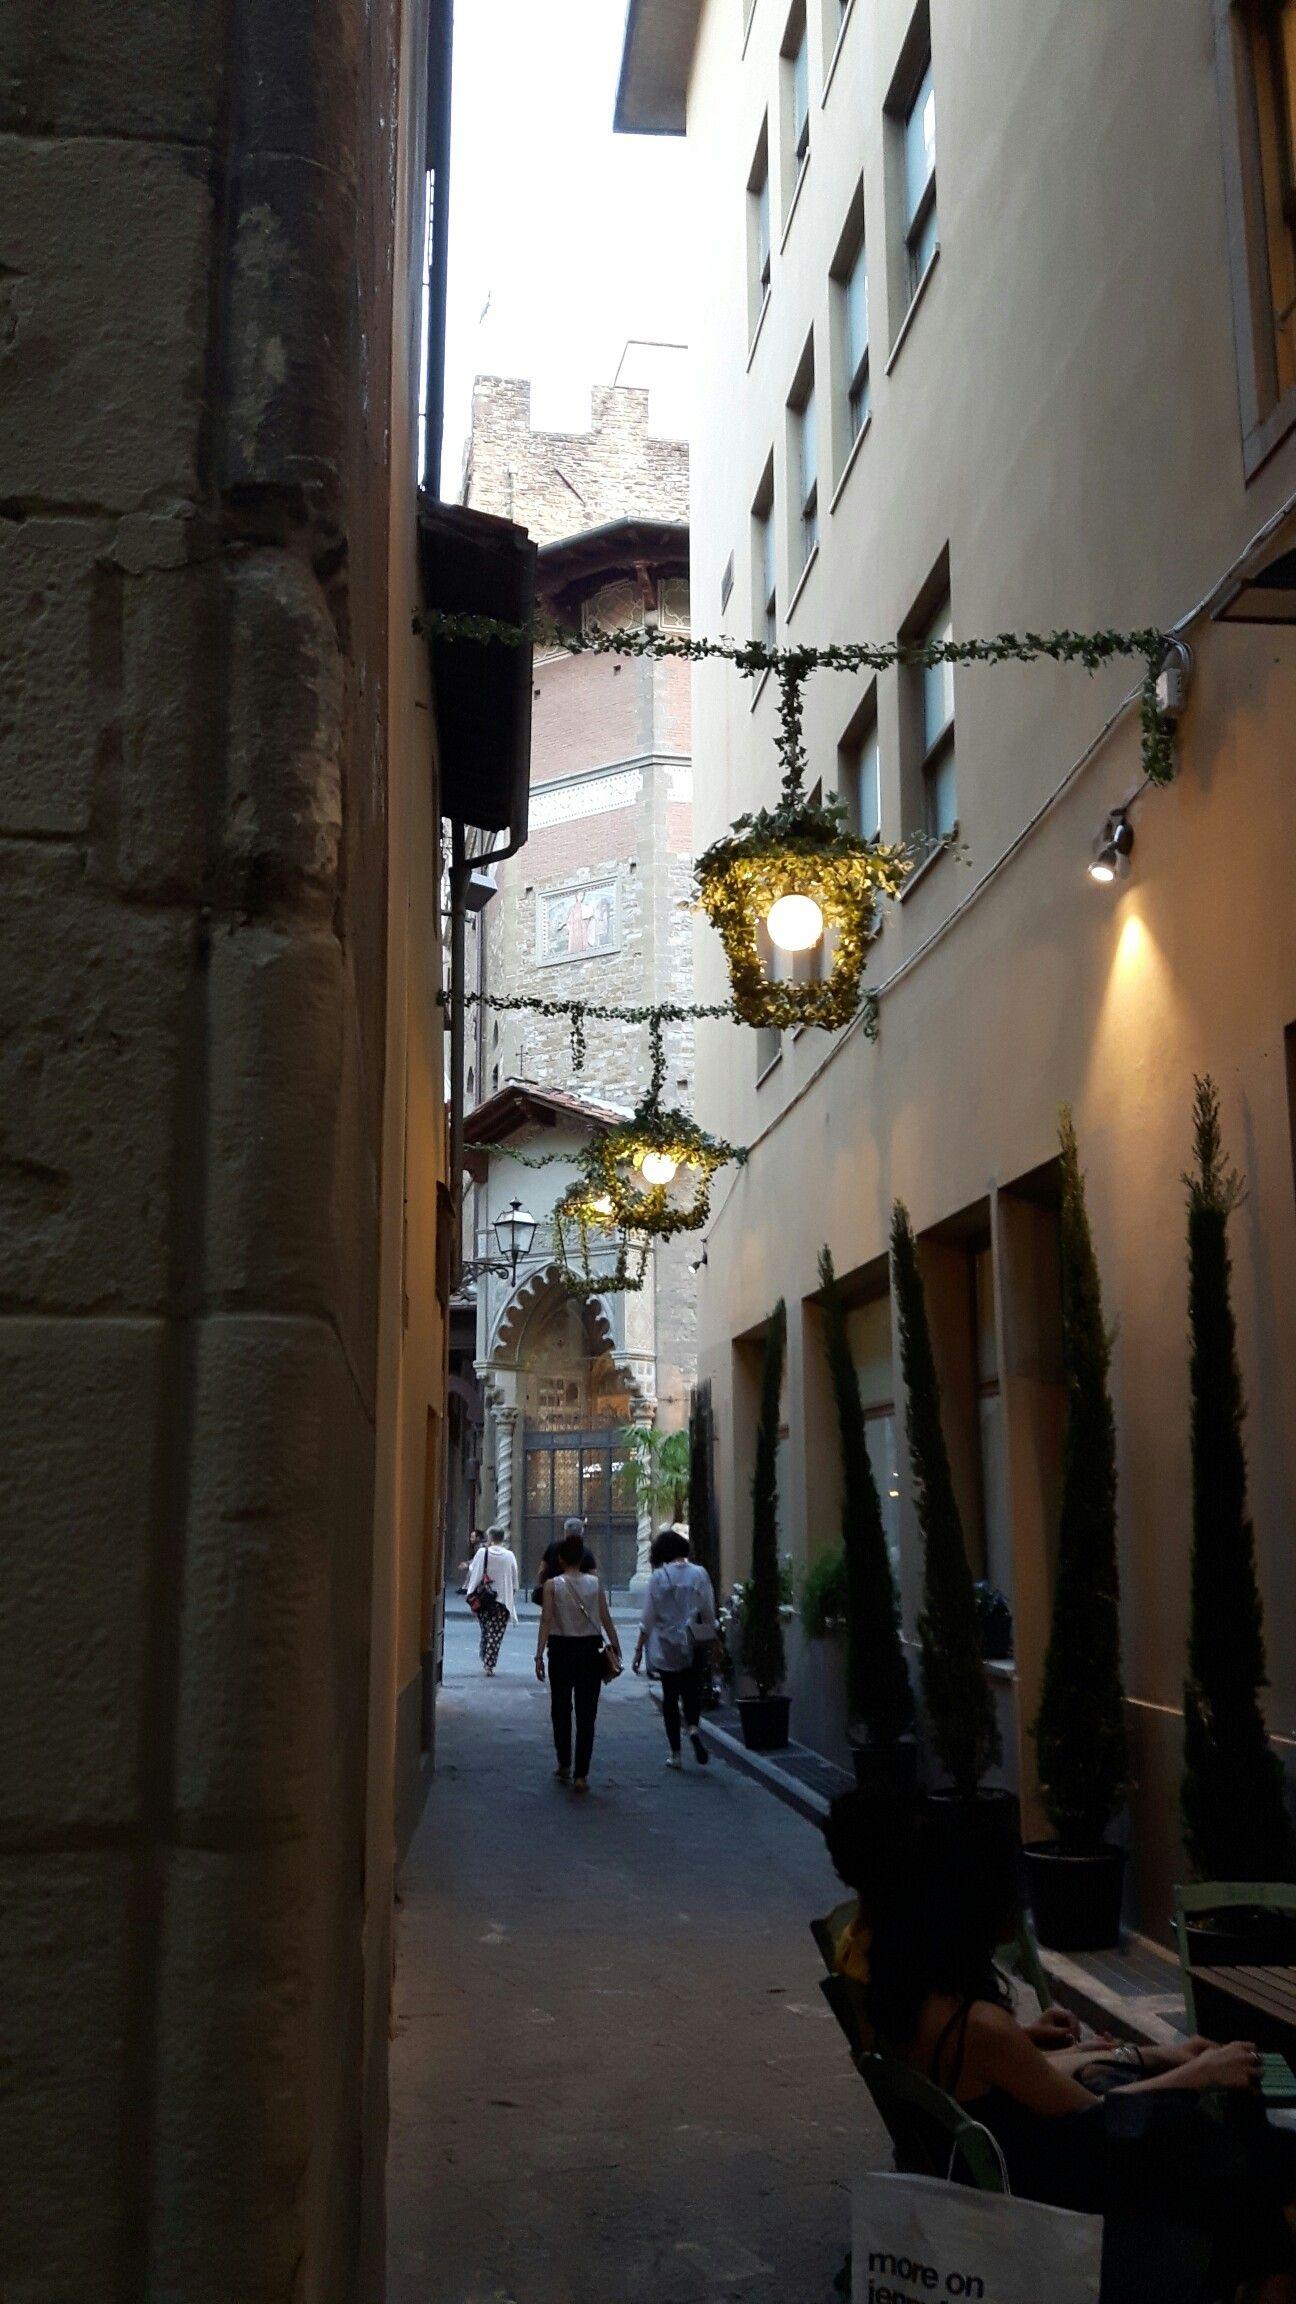 Per le strade di Firenze!